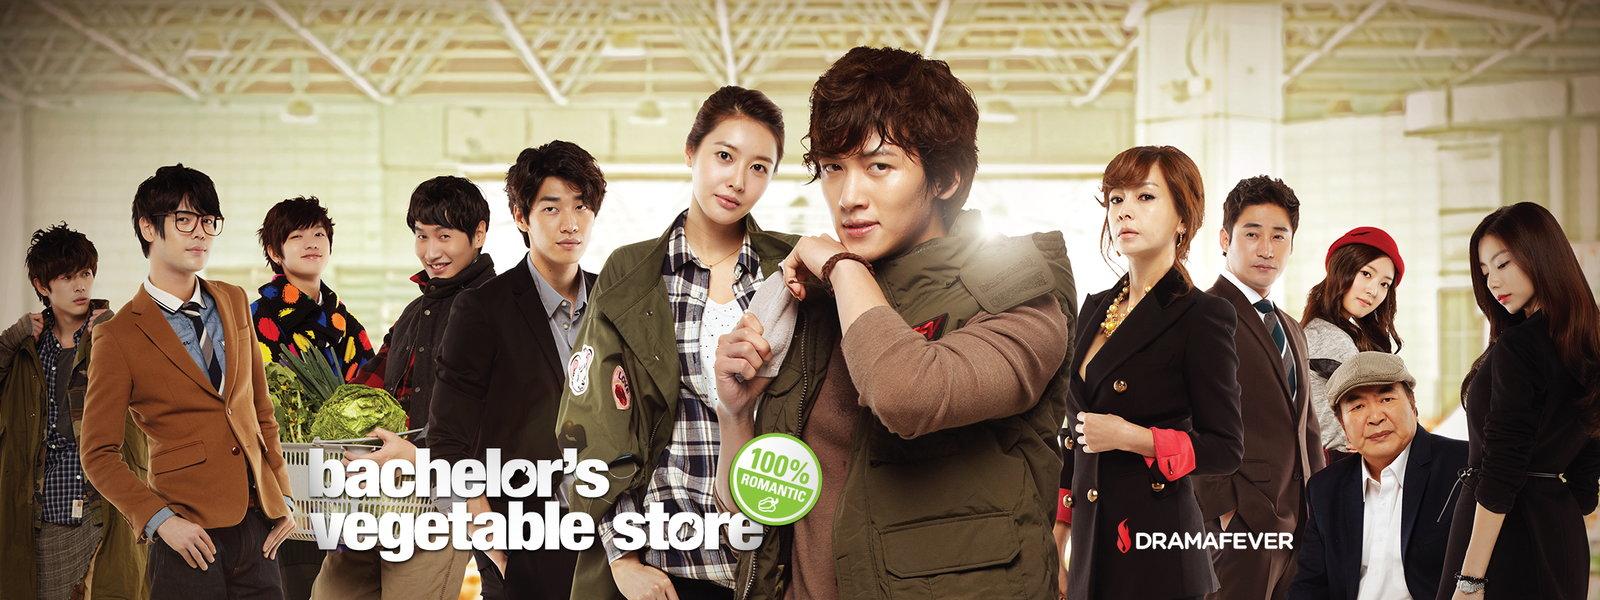 دانلود سریال کره ای پسر سبزی فروش